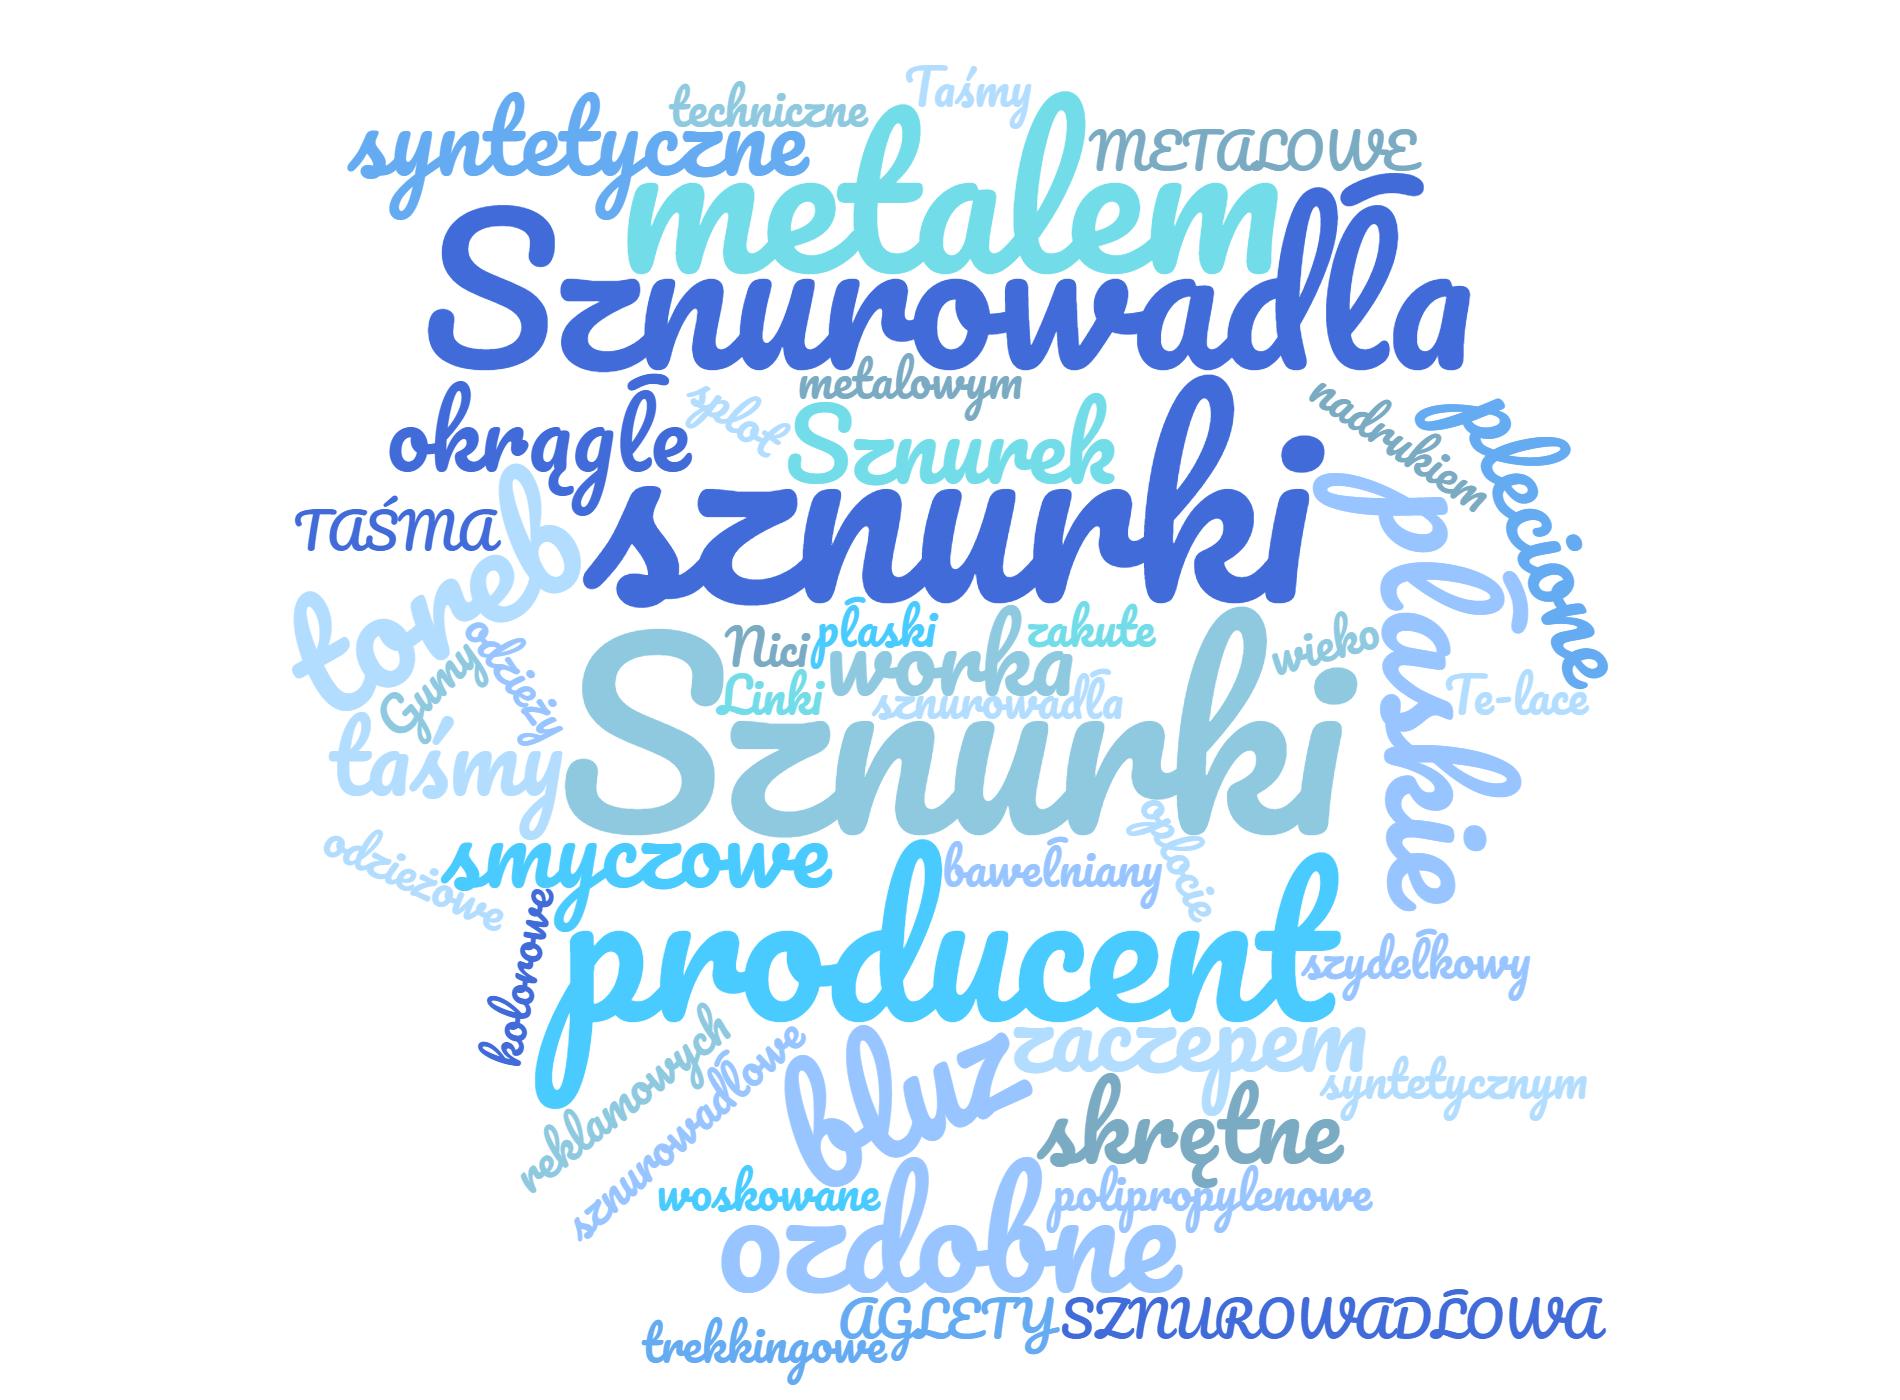 Sznurki Producent Sznurki do bluz Sznurki do odzieży Sznurki do toreb Sznurki do worków Sznurowadła producent Sznurki płaskie producent Sznurowadła woskowane Sznurki woskowane